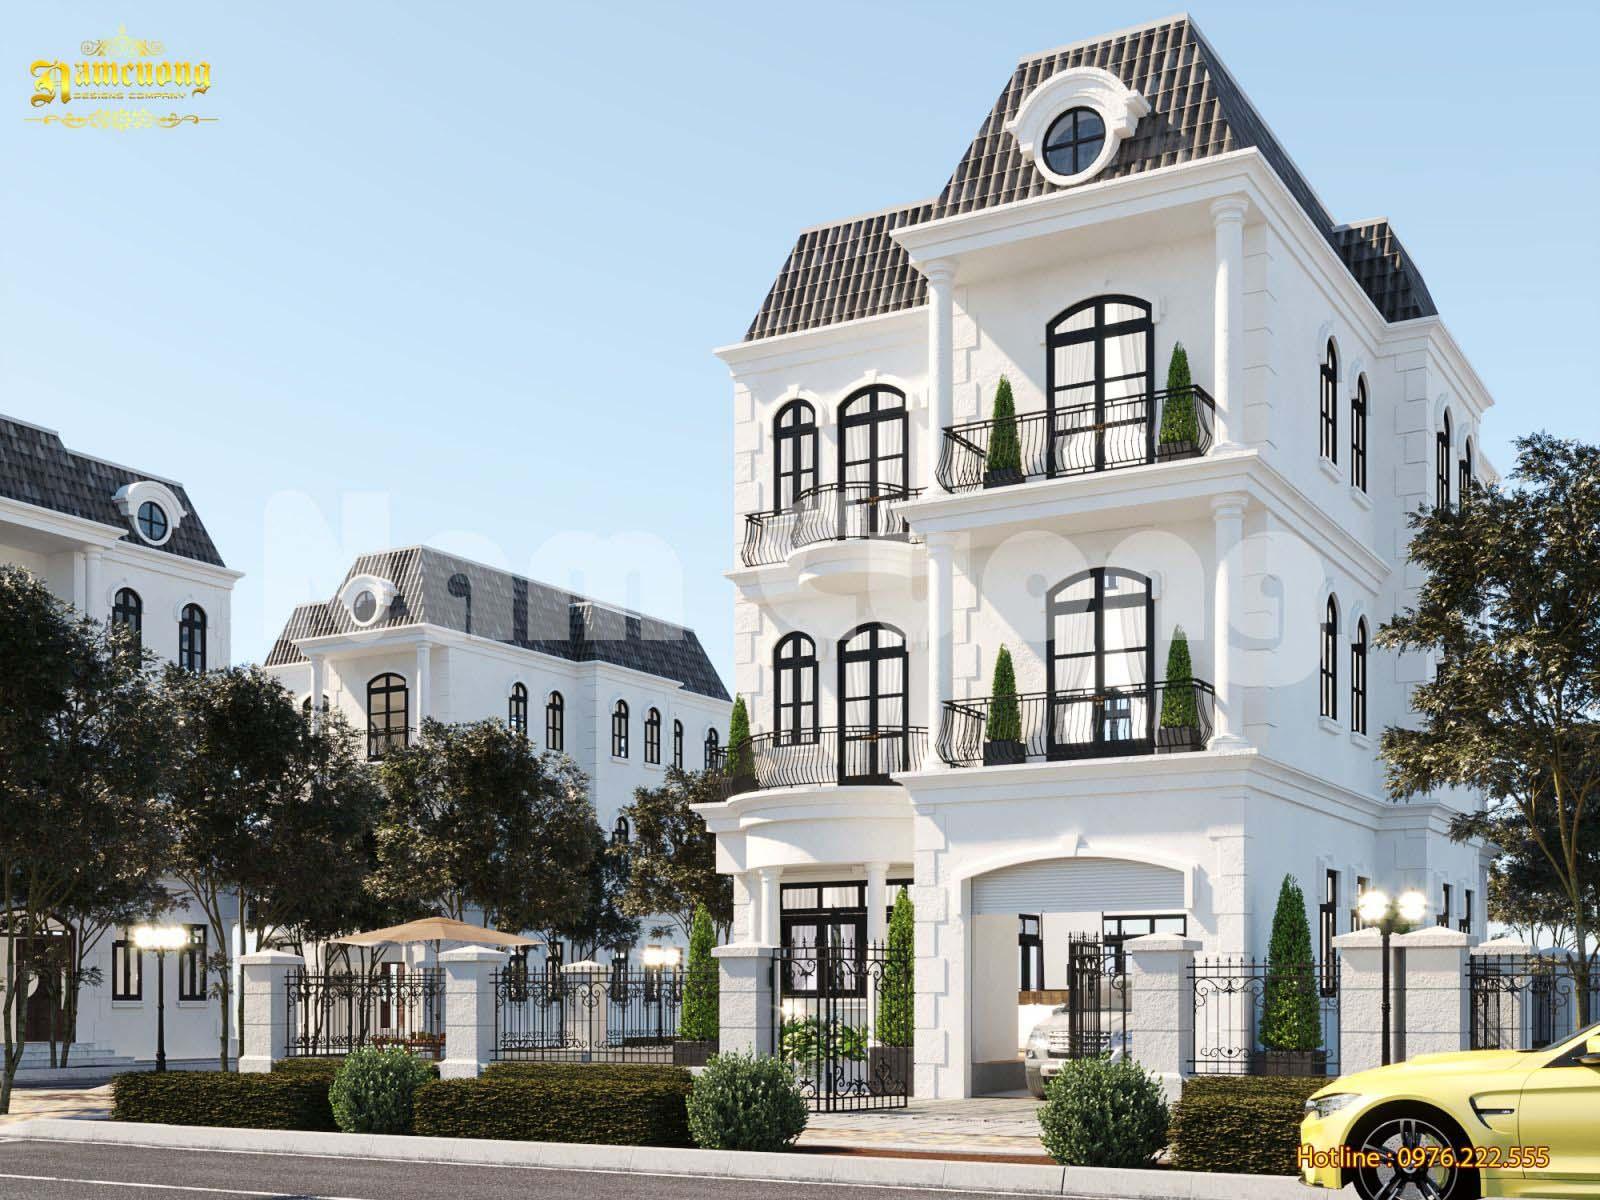 Thiết kế biệt thự đẹp 3 tầng phong cách tân cổ điển